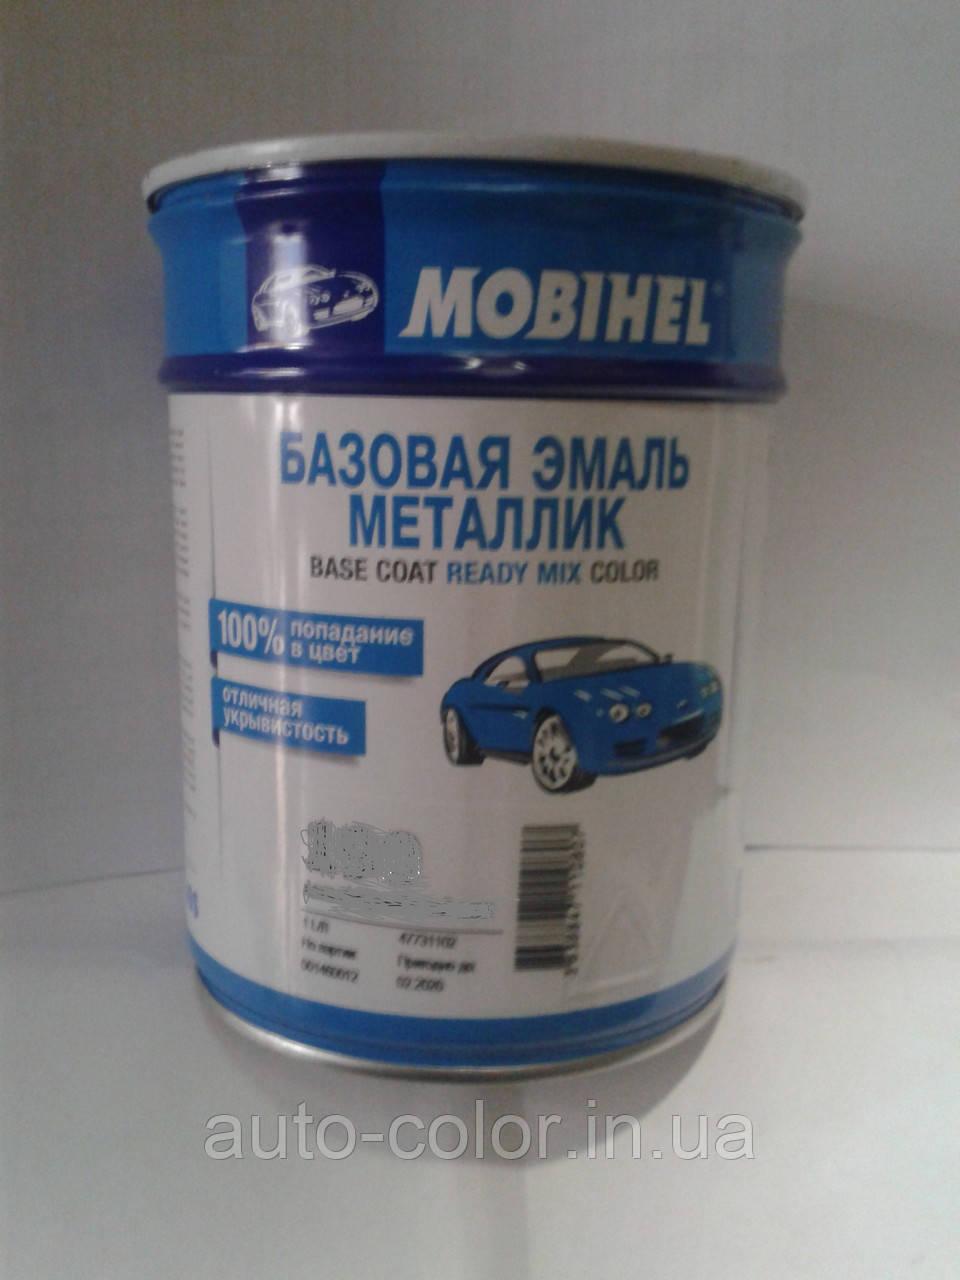 Автоемаль базова металік Mobihel 877052 Сільвер Срібляста 1л